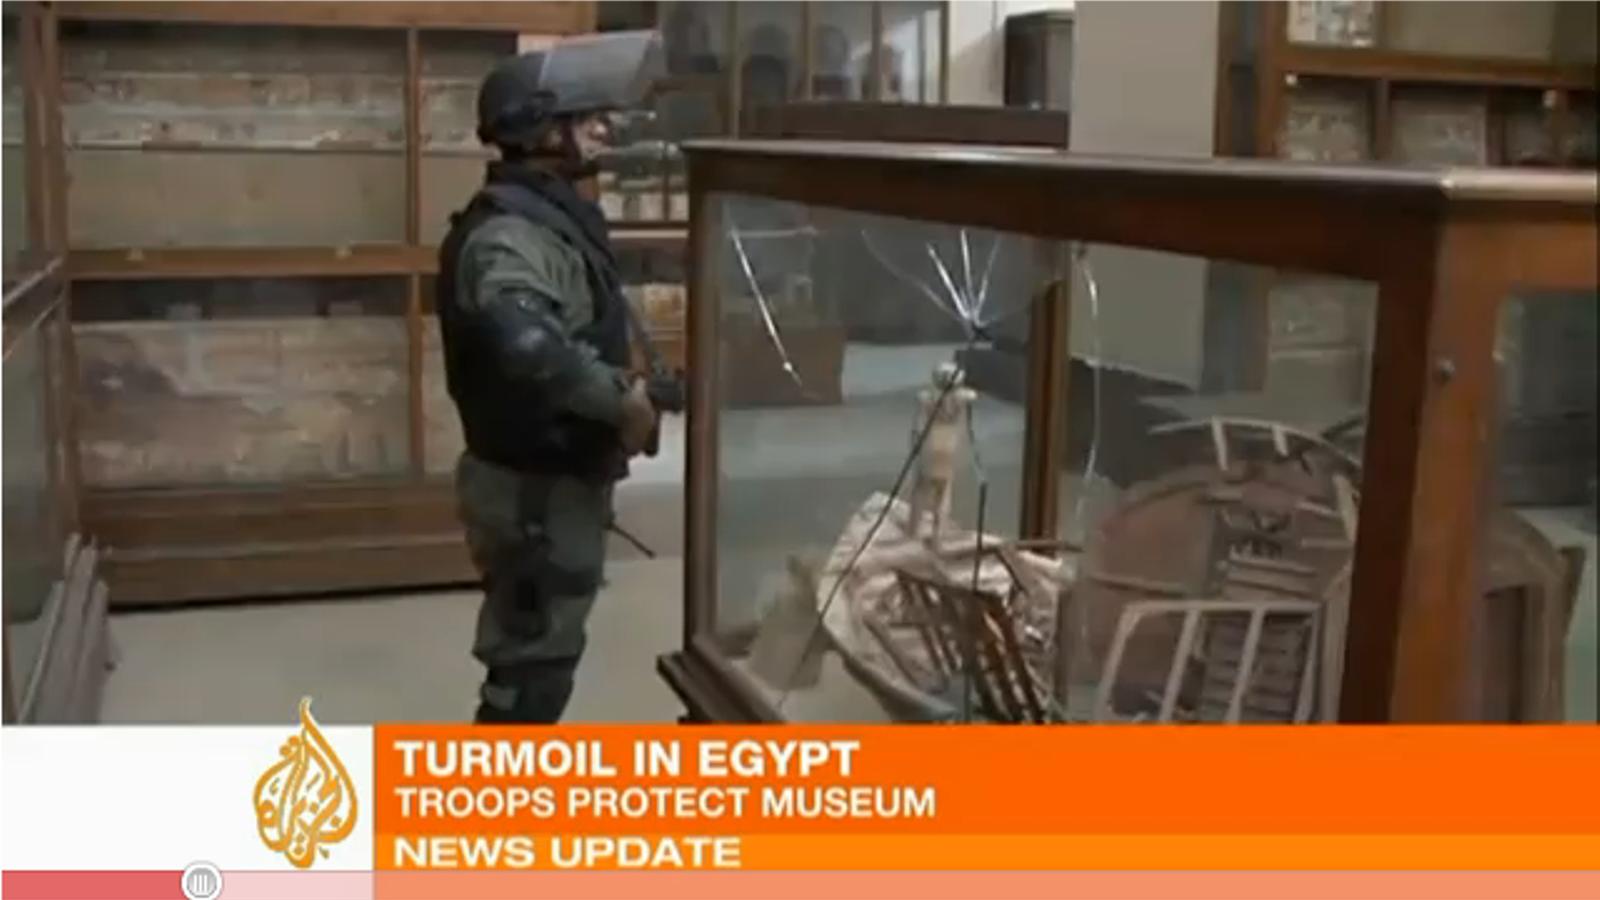 Imatges de les destrosses a l'interior del Museu del Caire